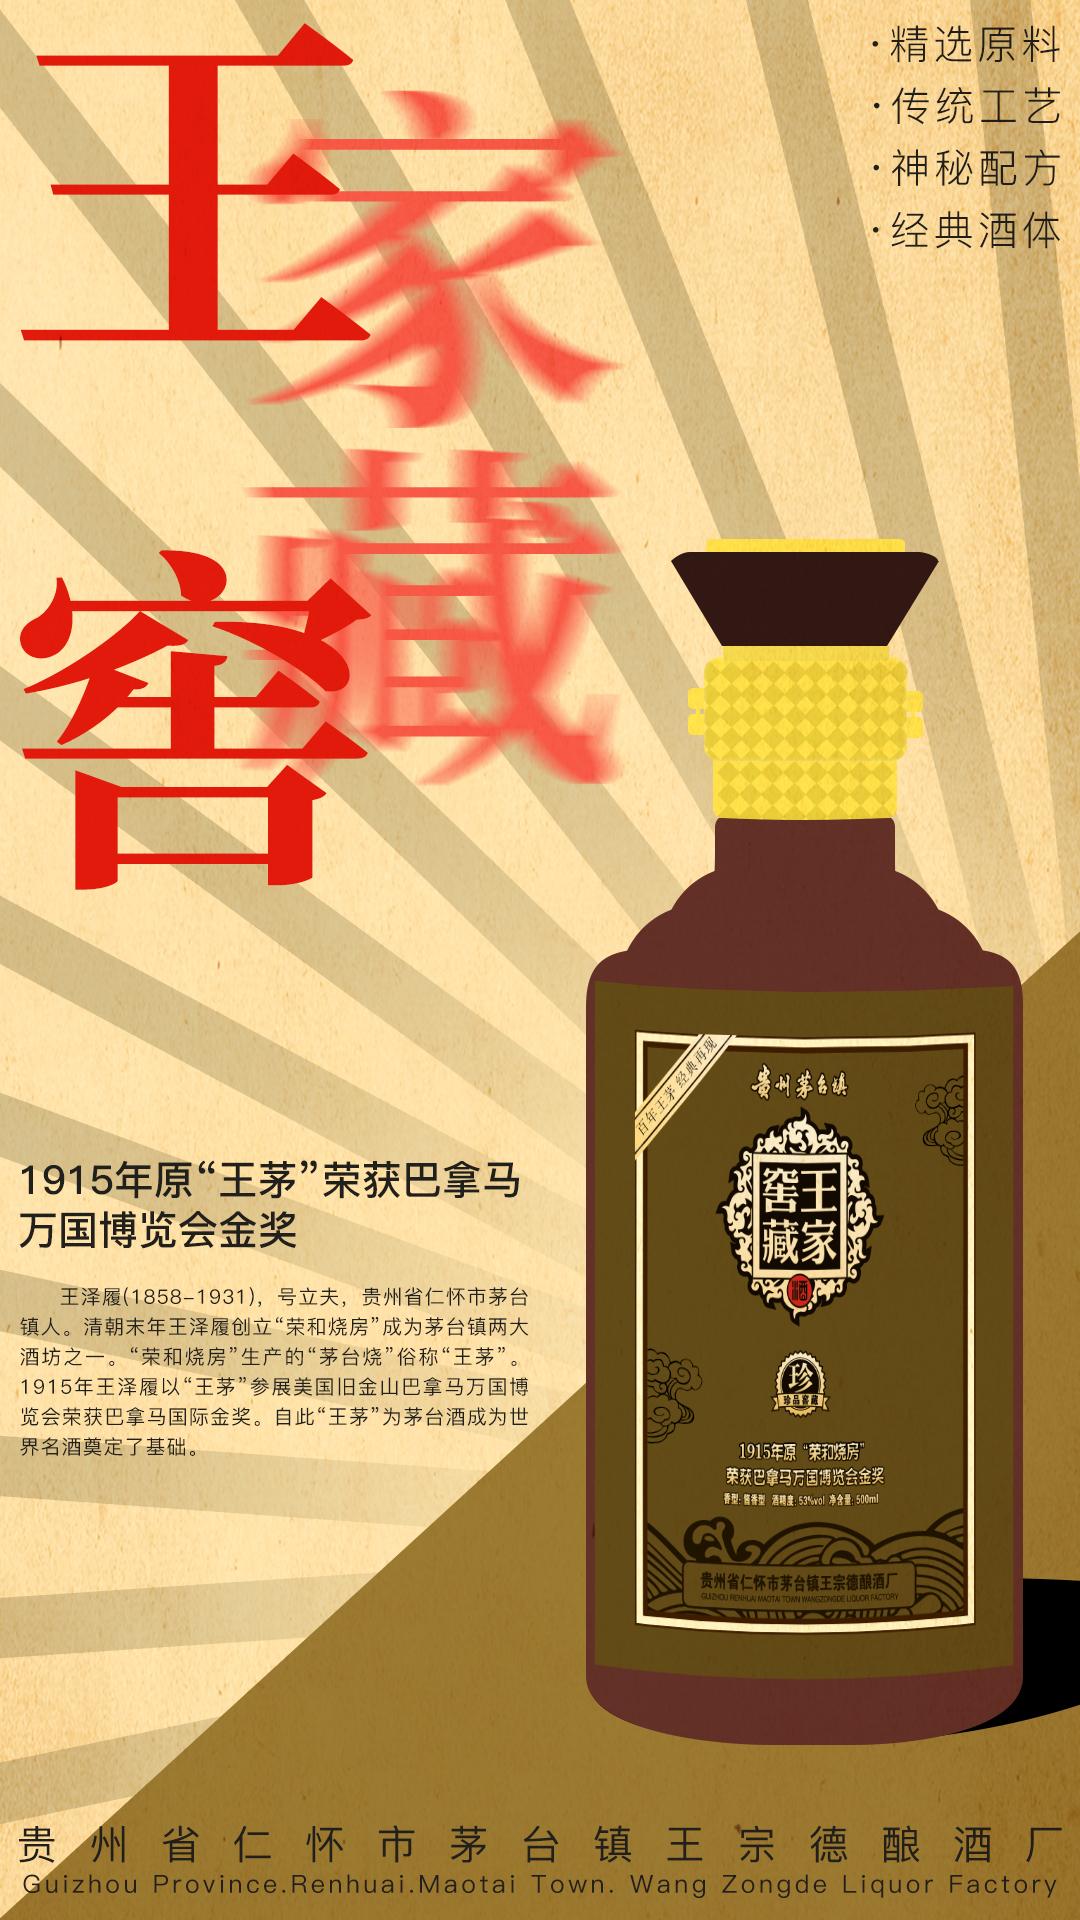 酱香型白酒,王茅